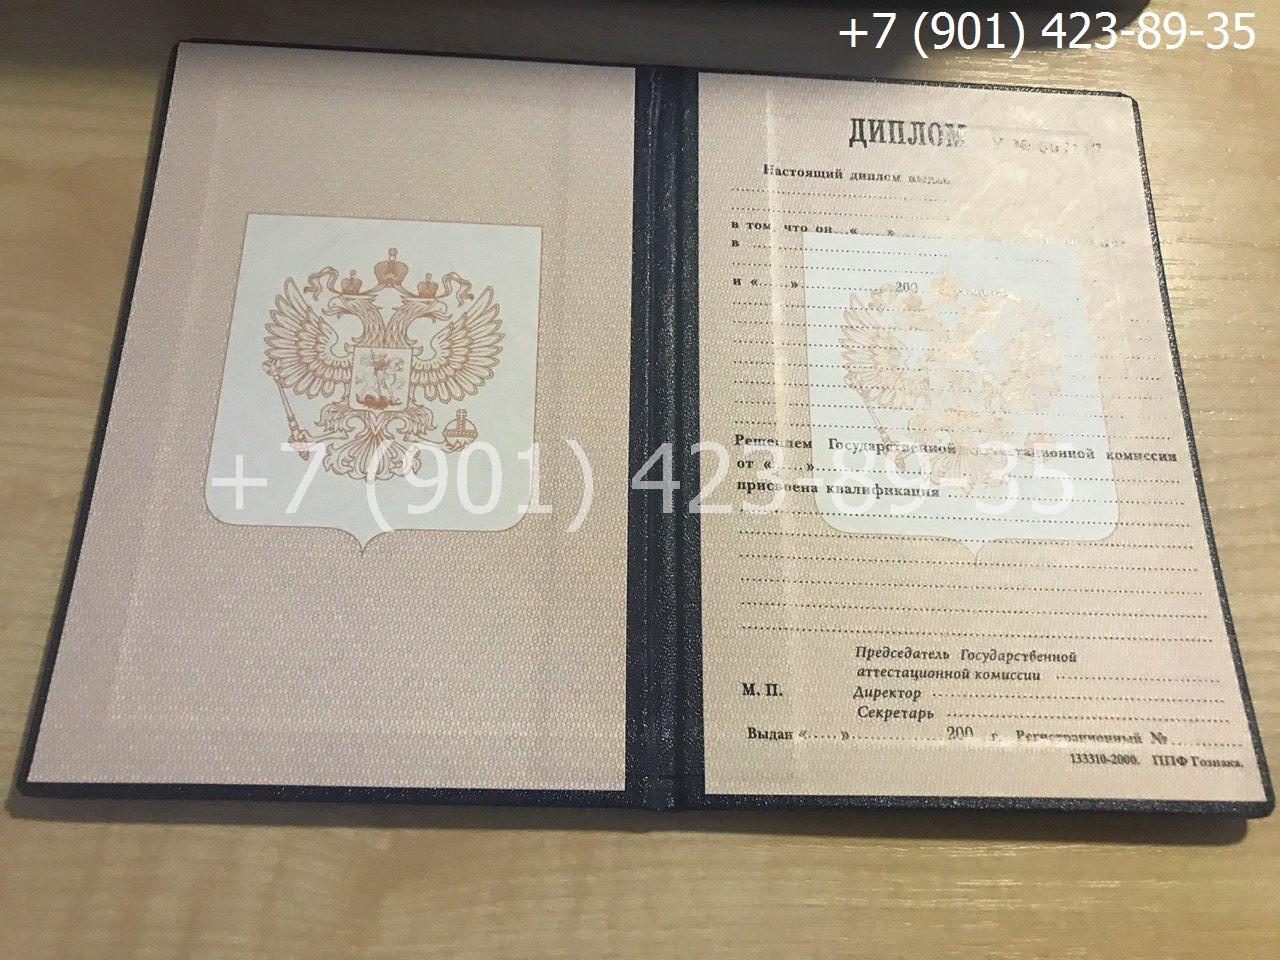 Диплом ПТУ 1995-2005 годов, старого образца, титульный лист